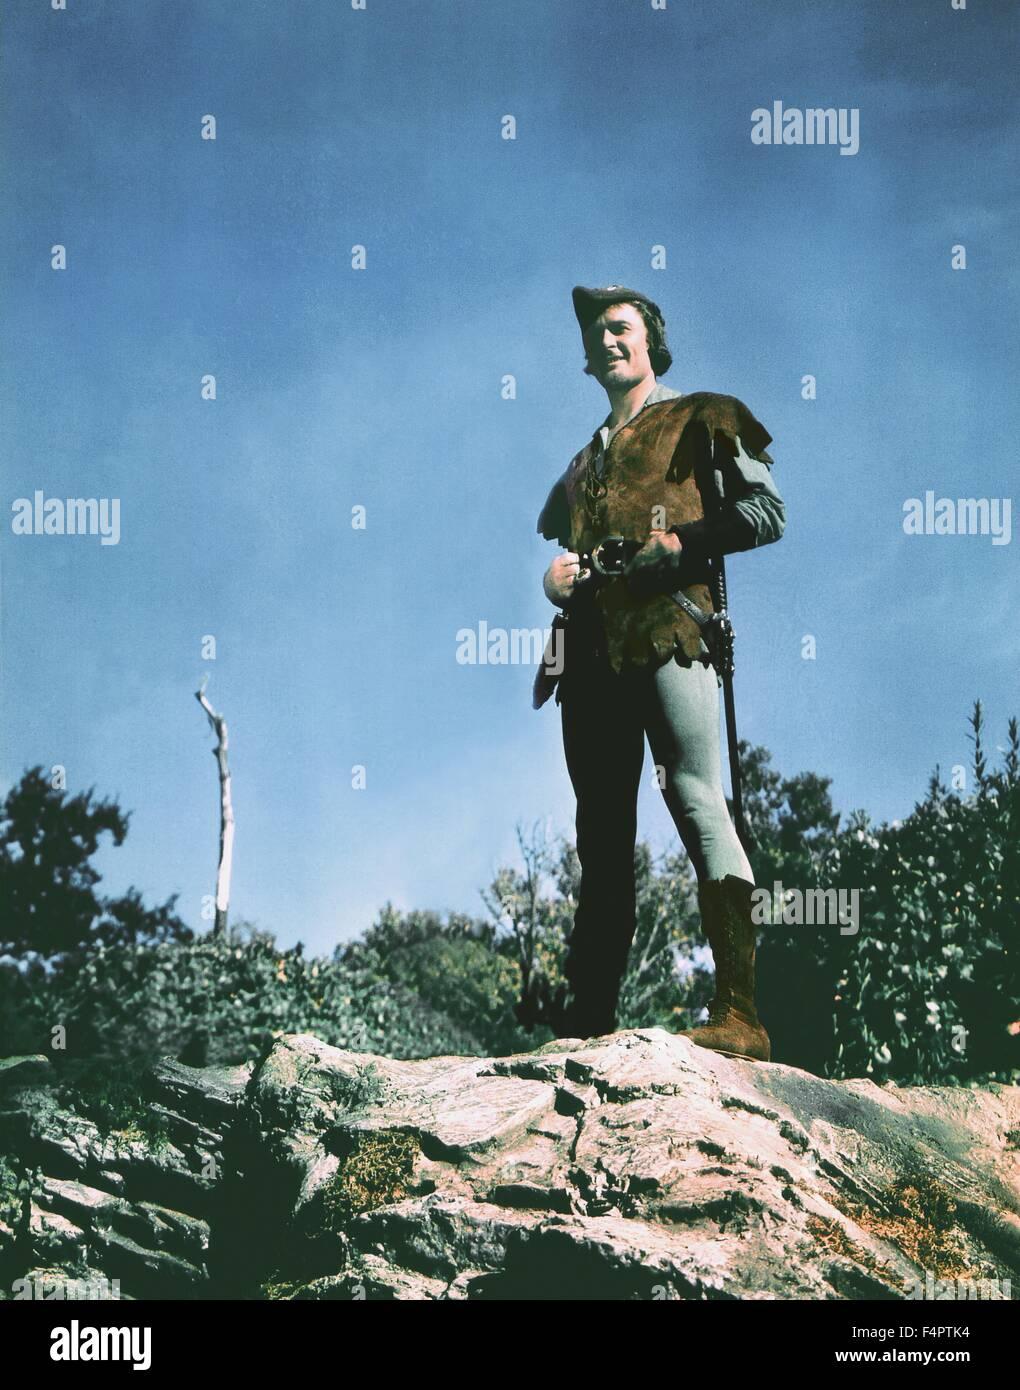 Errol Flynn / Les aventures de Robin des Bois / 1938 réalisé par Michael Curtiz et William Keighley [Photos] Photo Stock